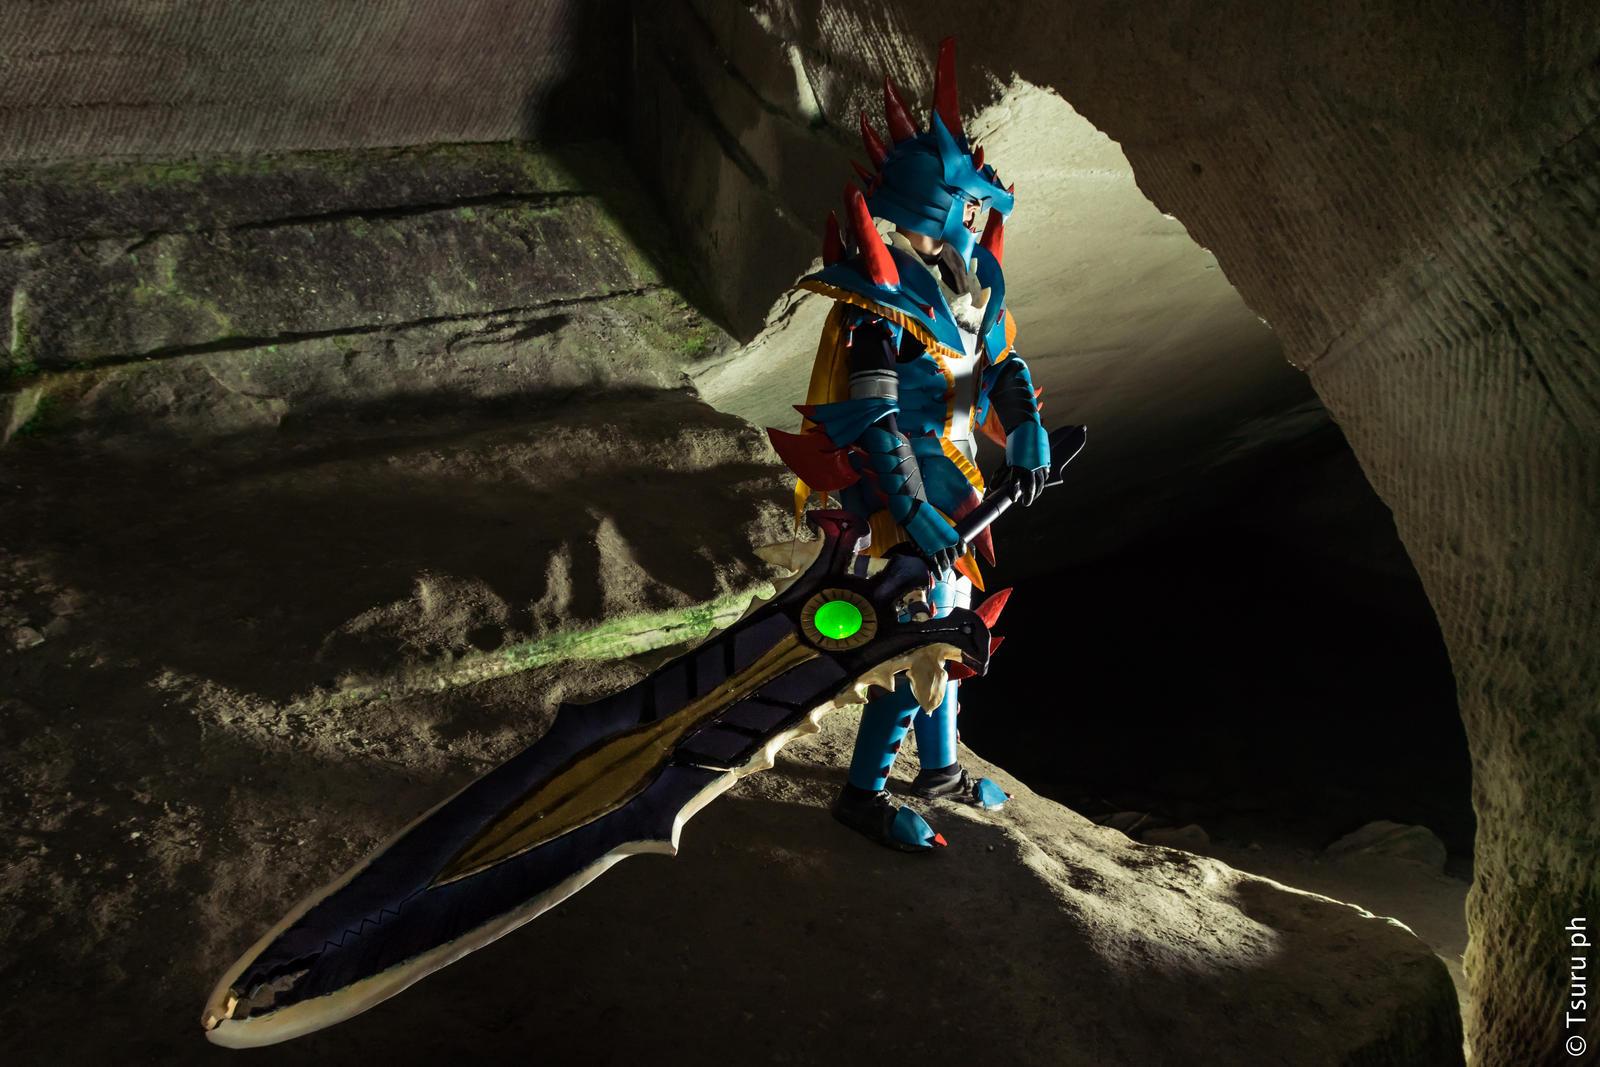 Lagiacrus X Armor Blademaster Monster Hunter By Yugencosplay On Deviantart